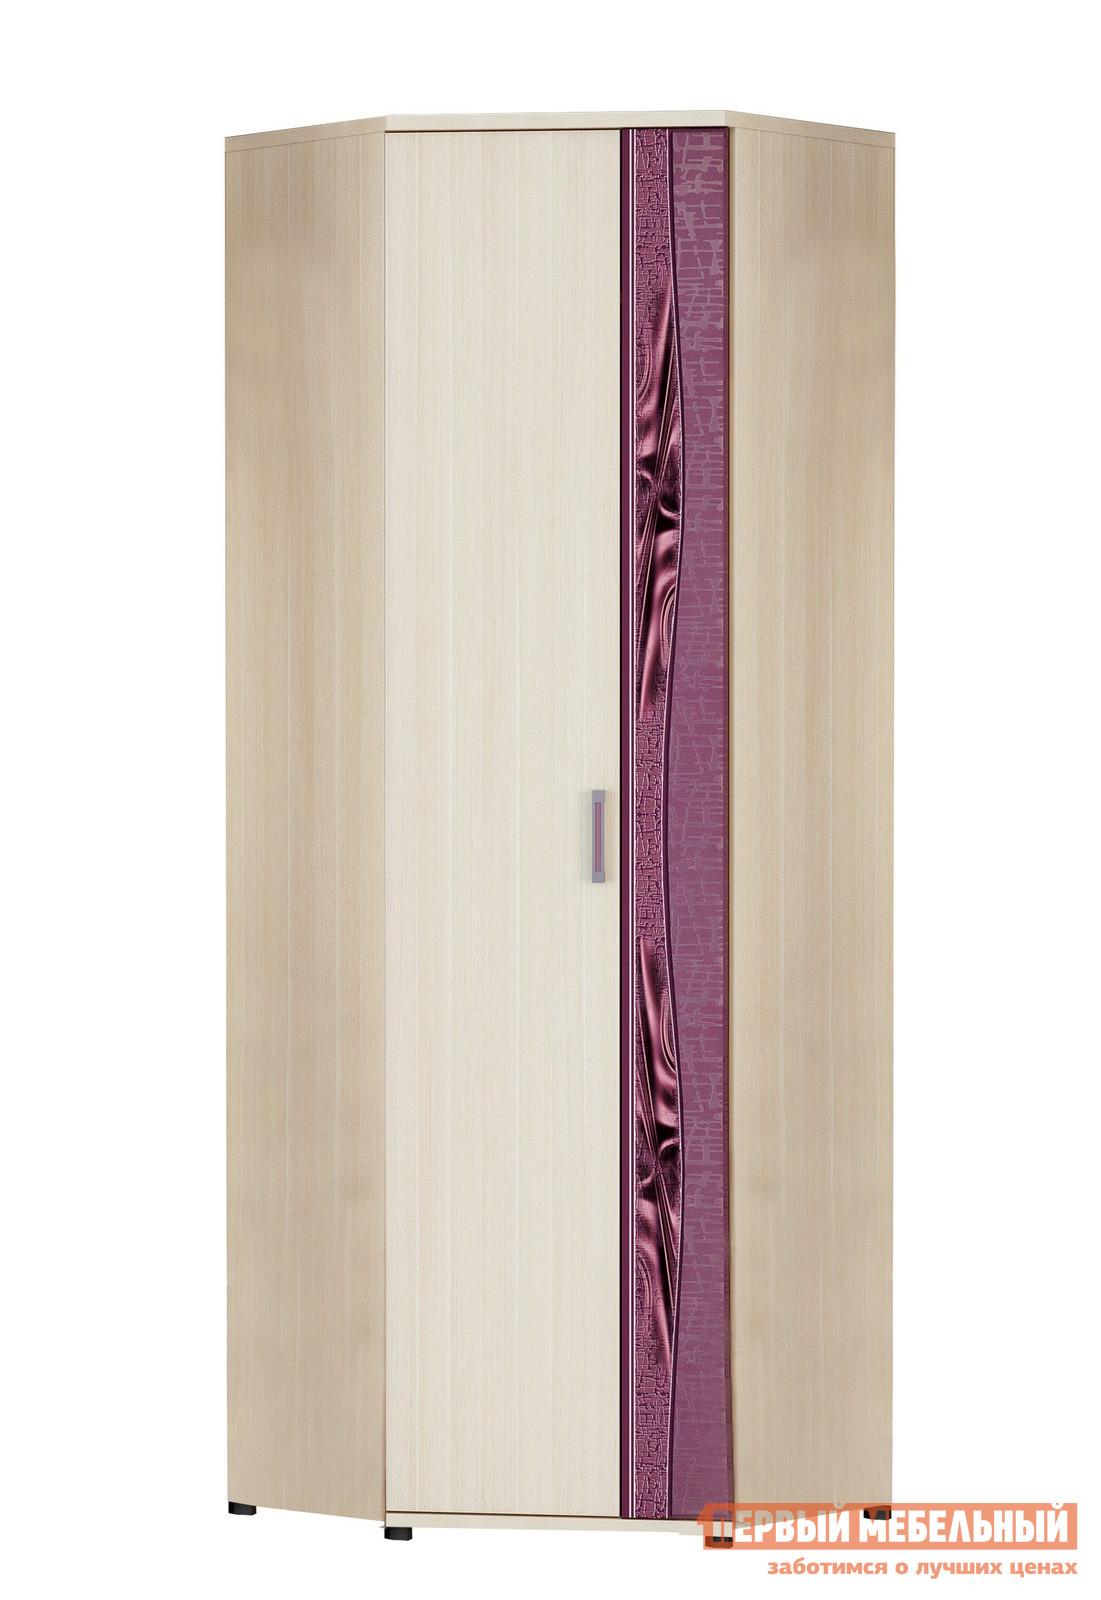 Шкаф распашной Витра 37.02 витра шкаф распашной витра 95 11 шкаф двухдверный венге бел дуб